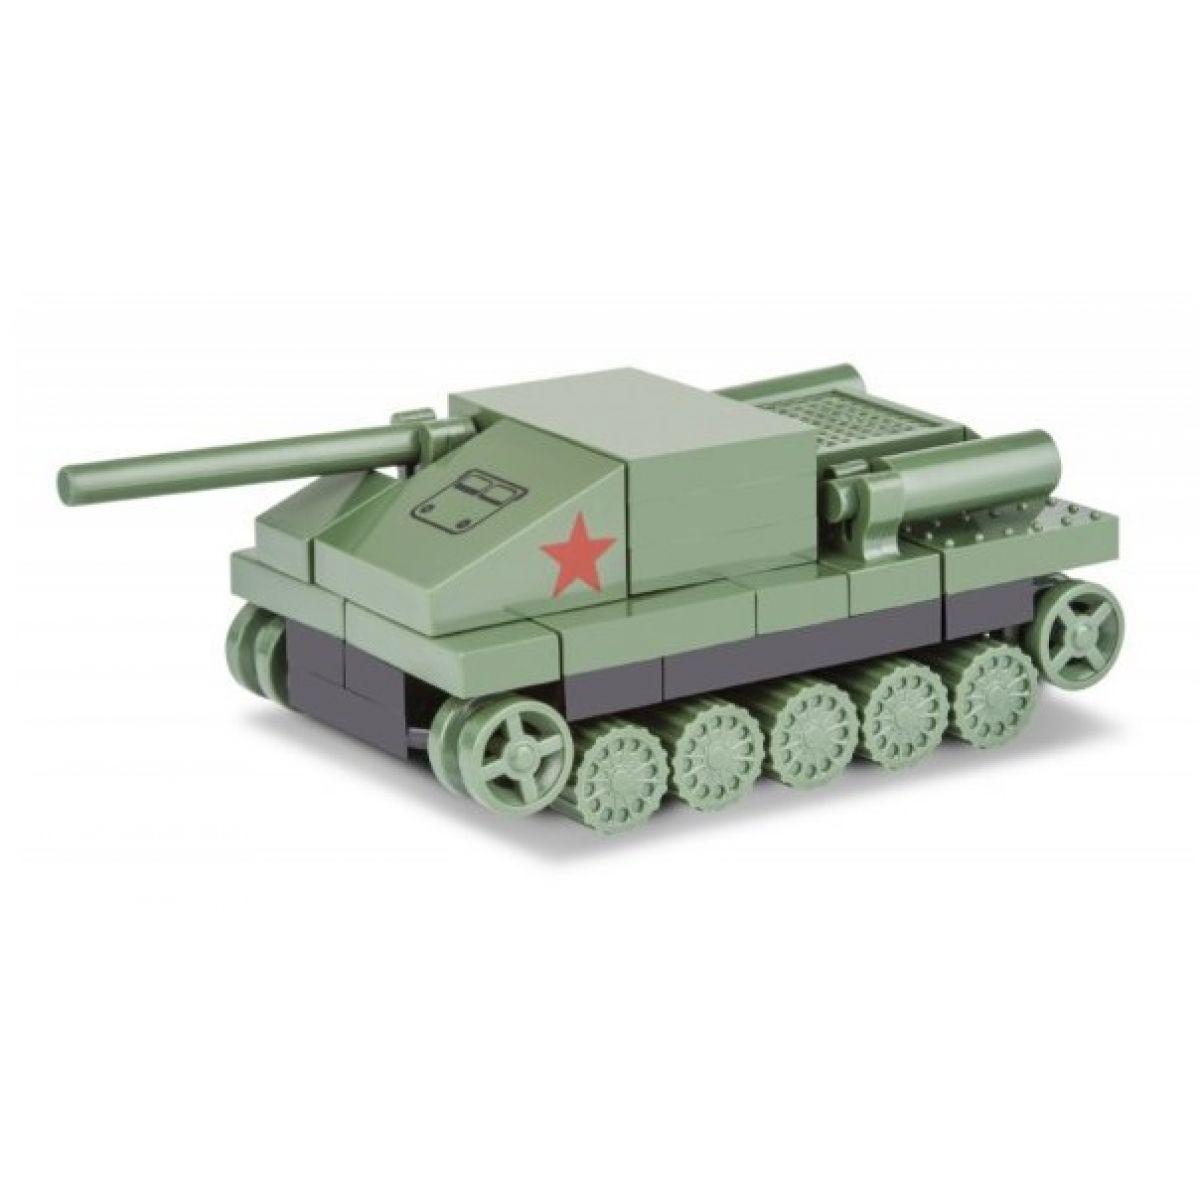 COBI 3020 WORLD of TANKS Nano Tank SU 85 63 k